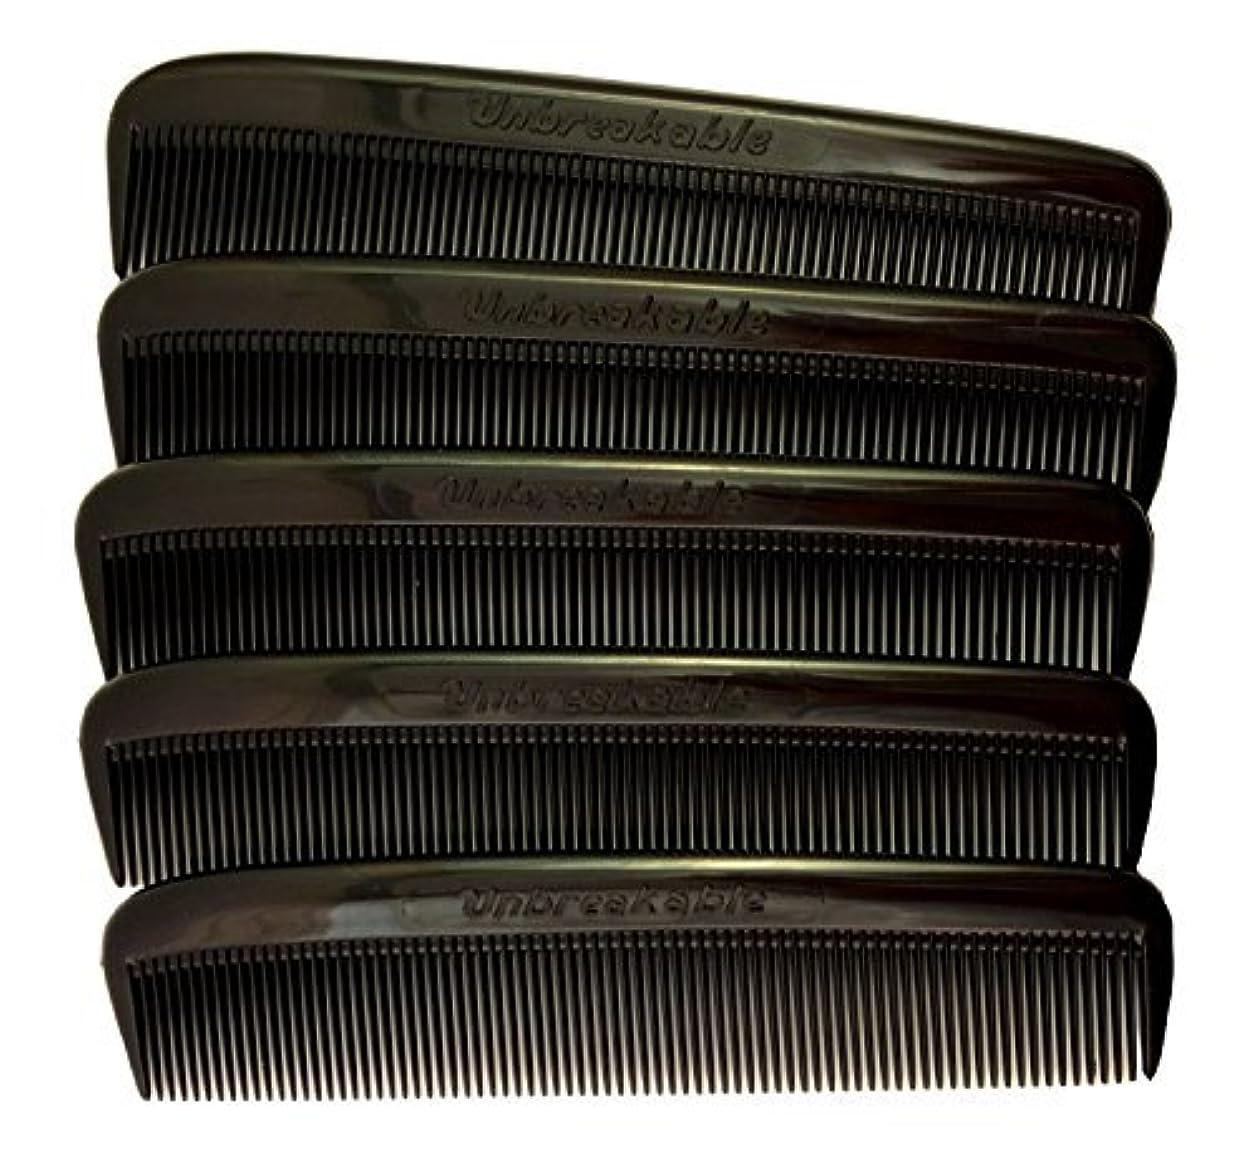 少ない名前を作るホーンSet of 25 Clipper-mate Pocket Combs 5